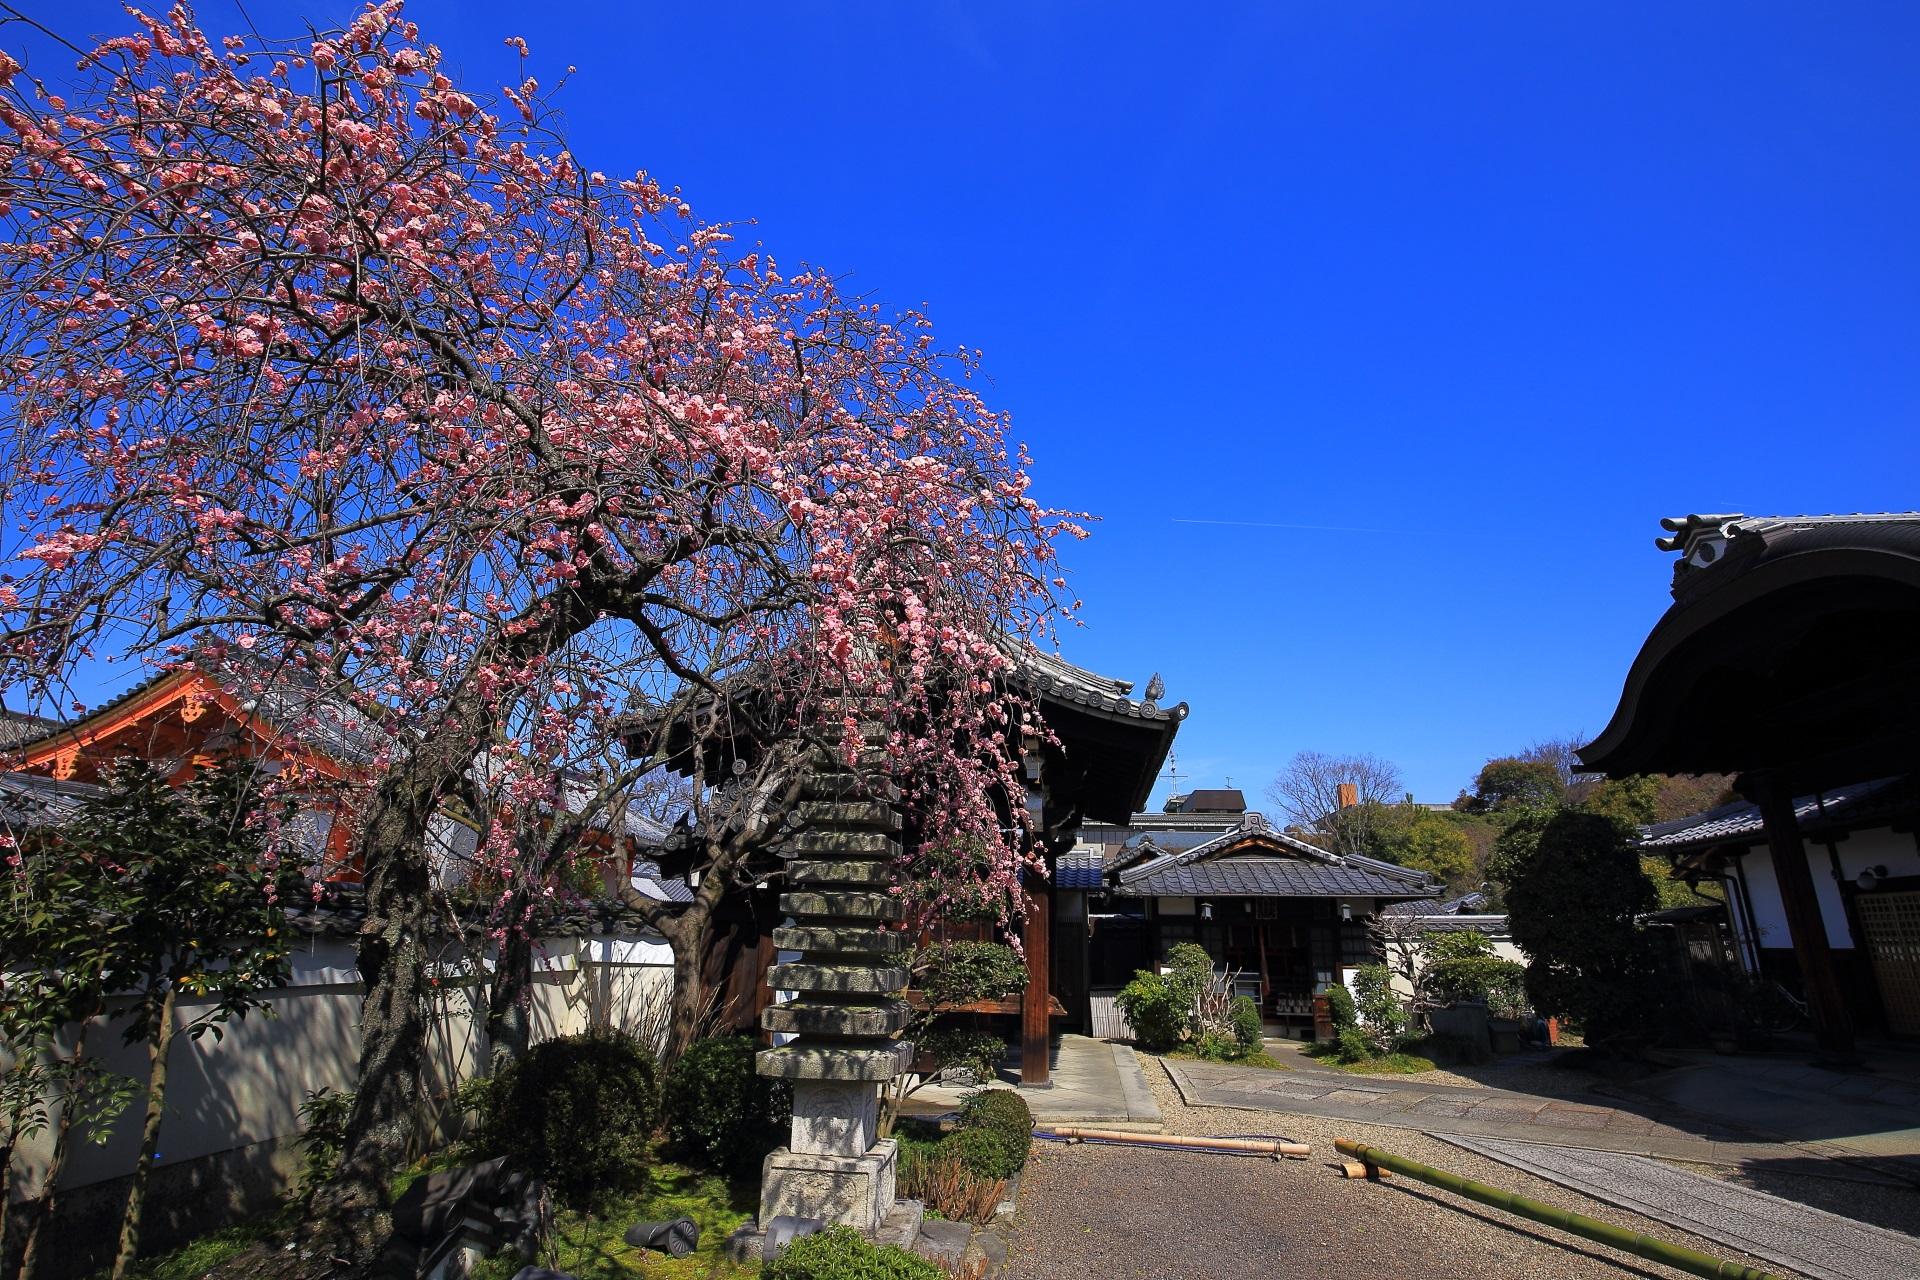 法住寺 梅 華やかな隠れた梅の名所